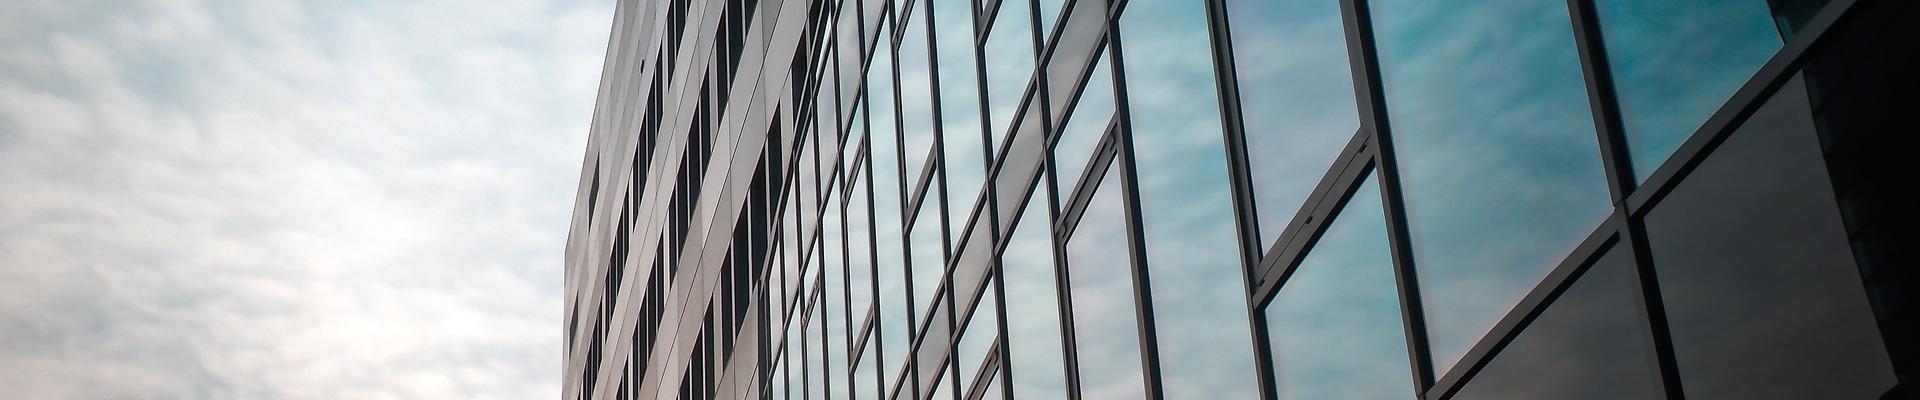 Produkujemy szkło do zadań specjalnych - Vitroterm Murów